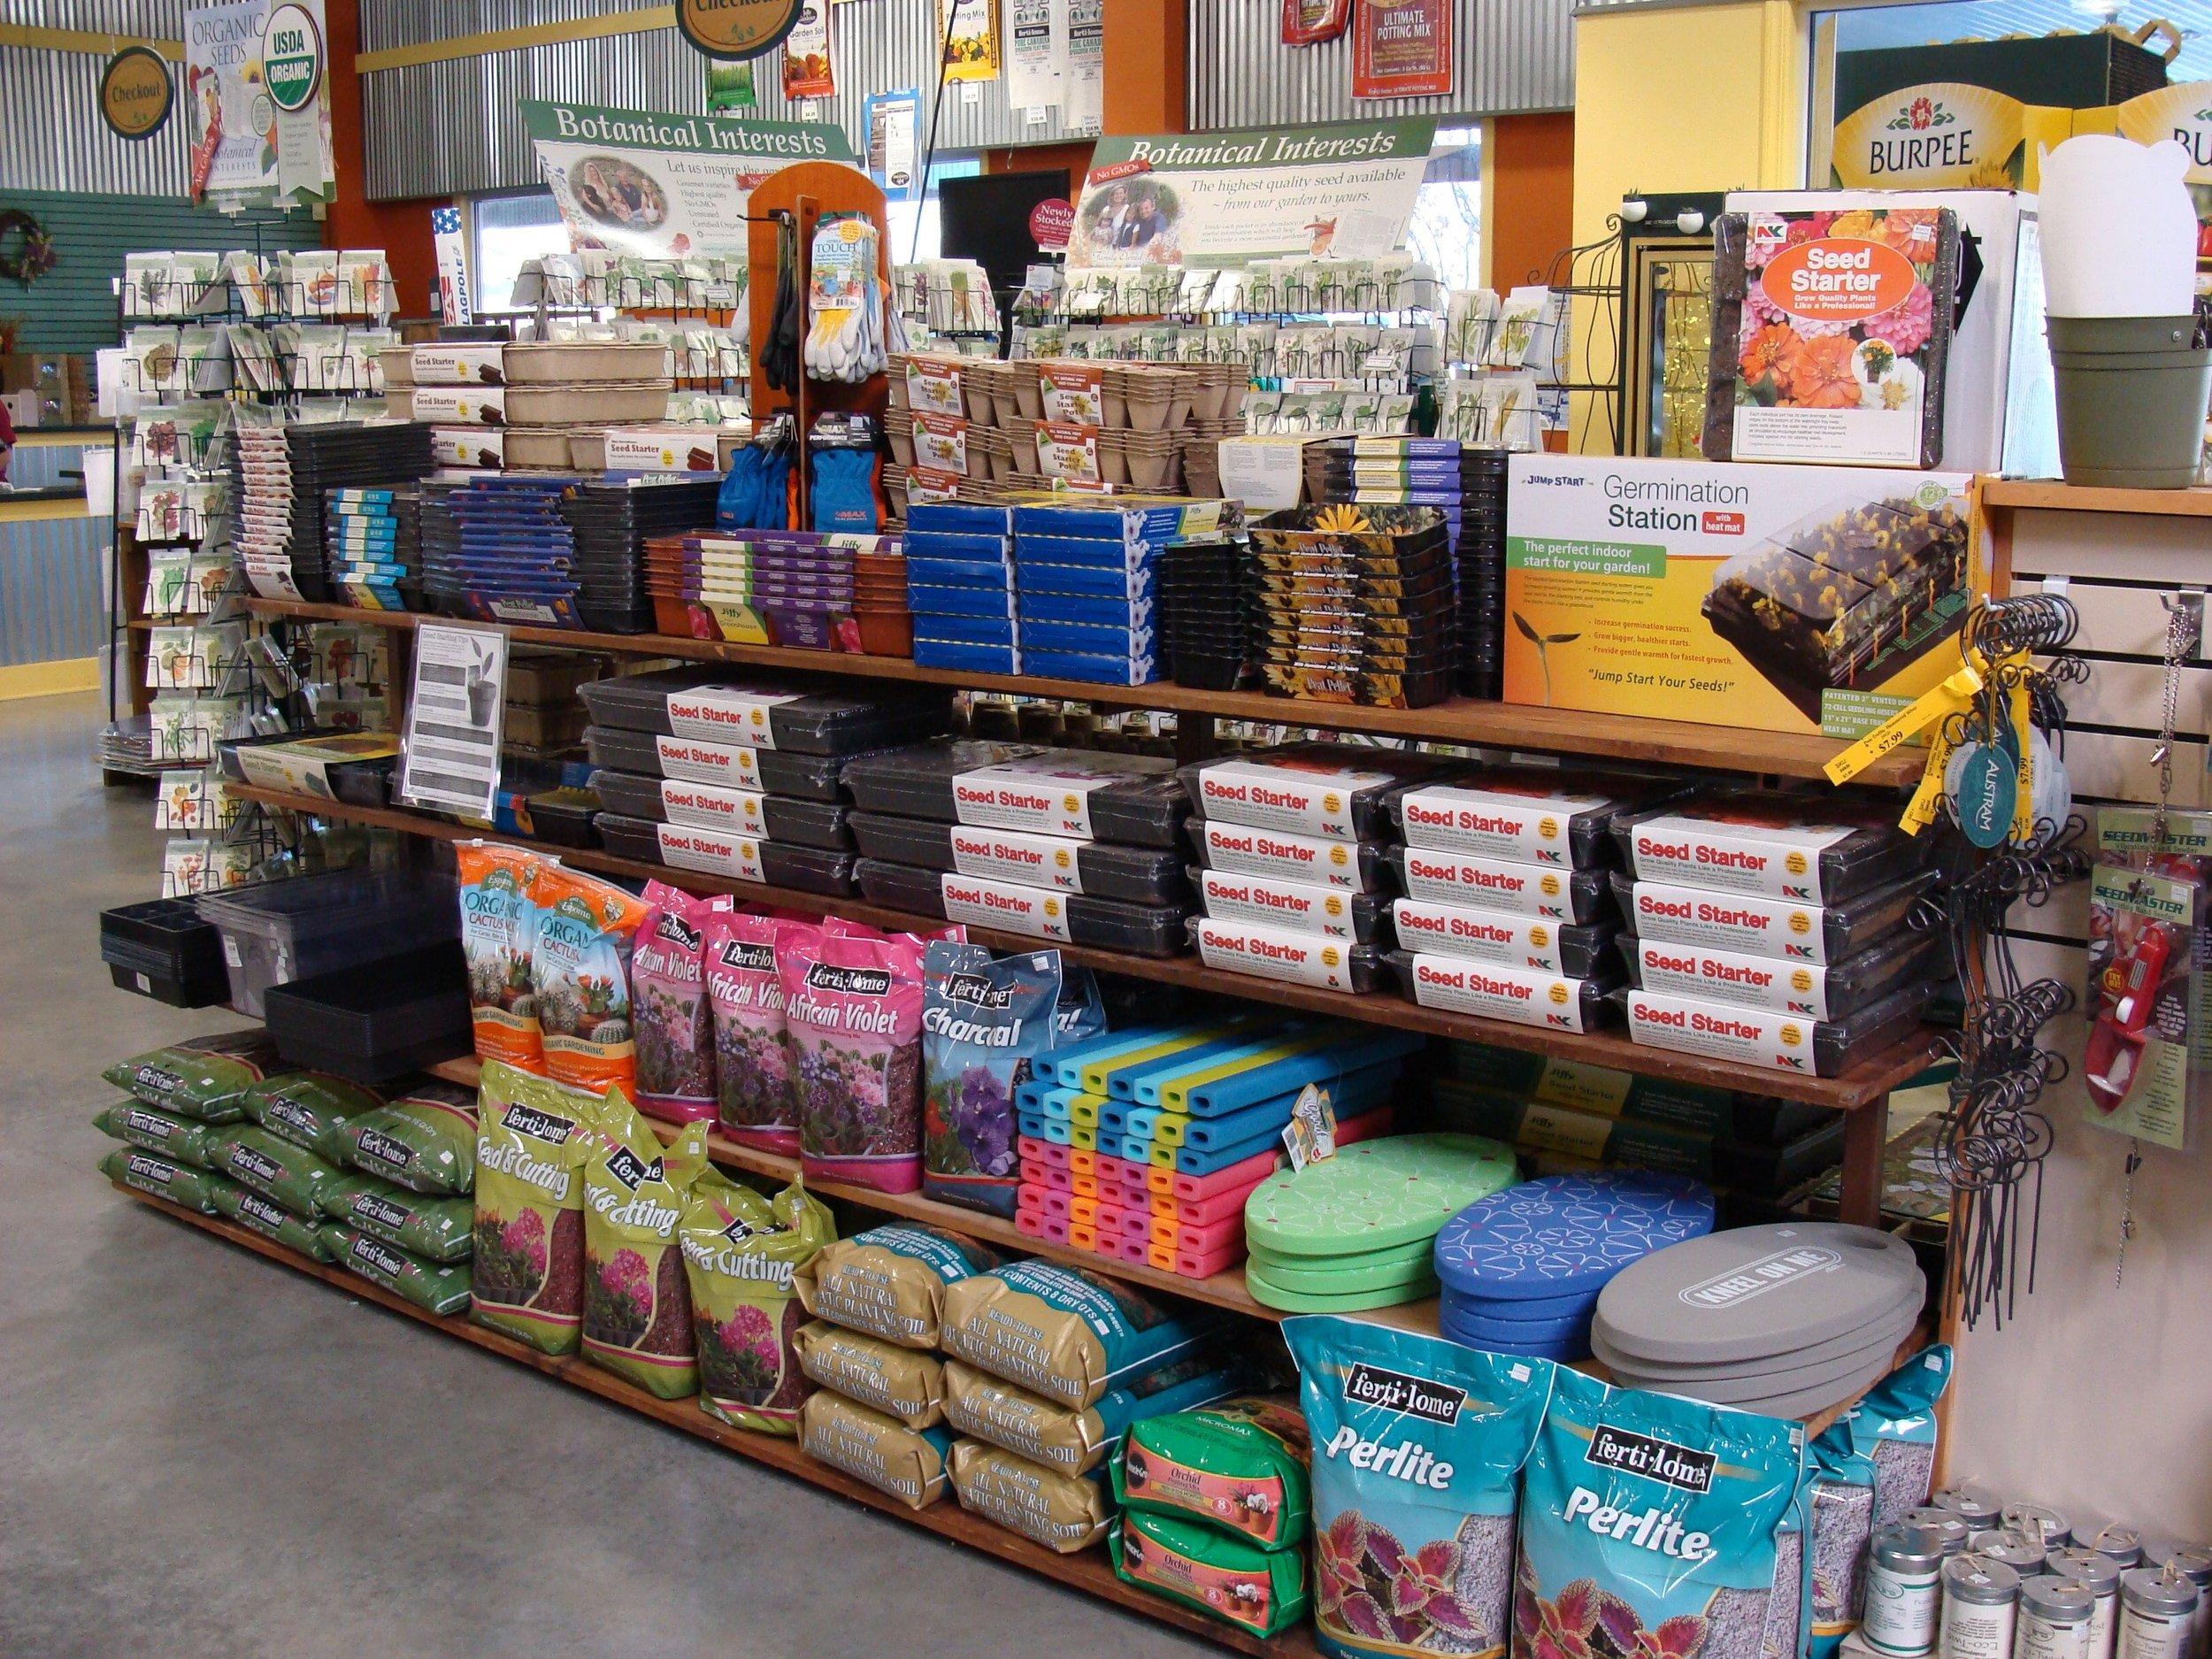 seedstartingsuppliesshelf2-151.jpg